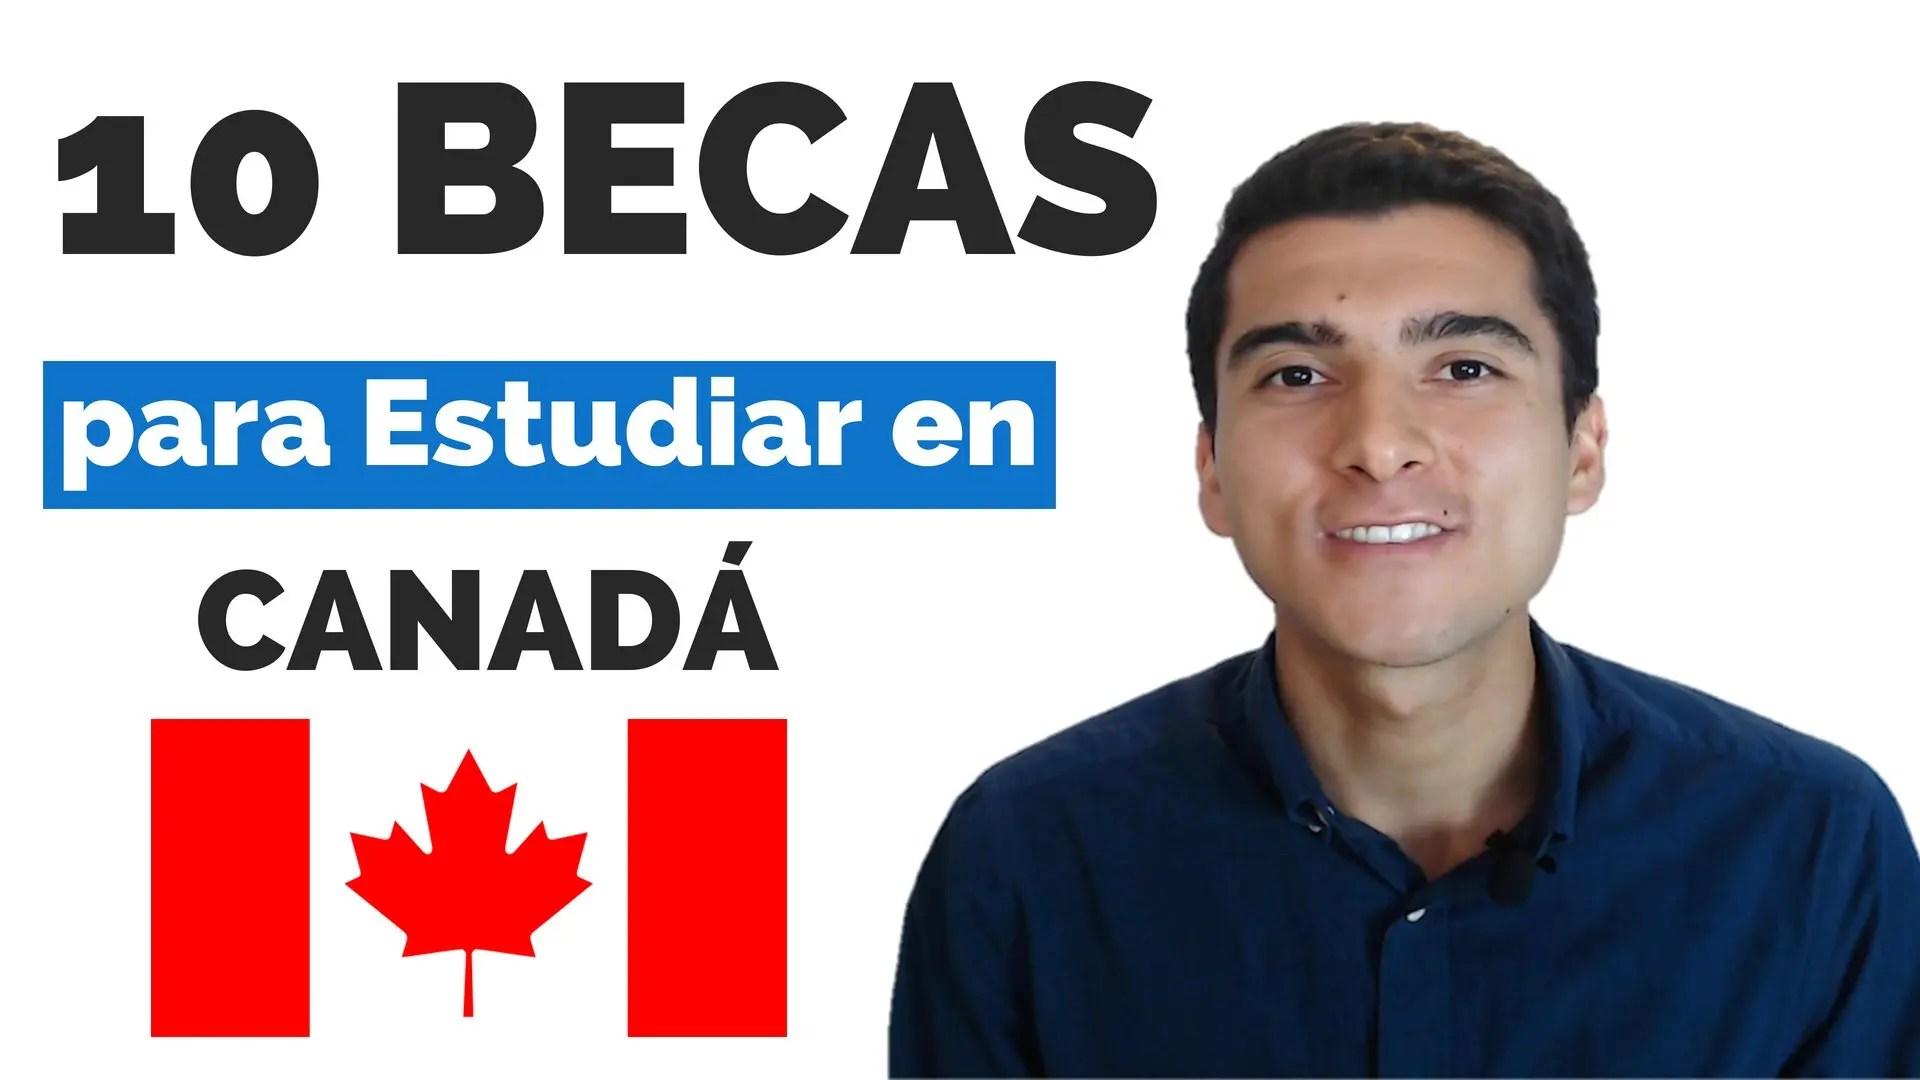 10 becas para estudiar en Canadá